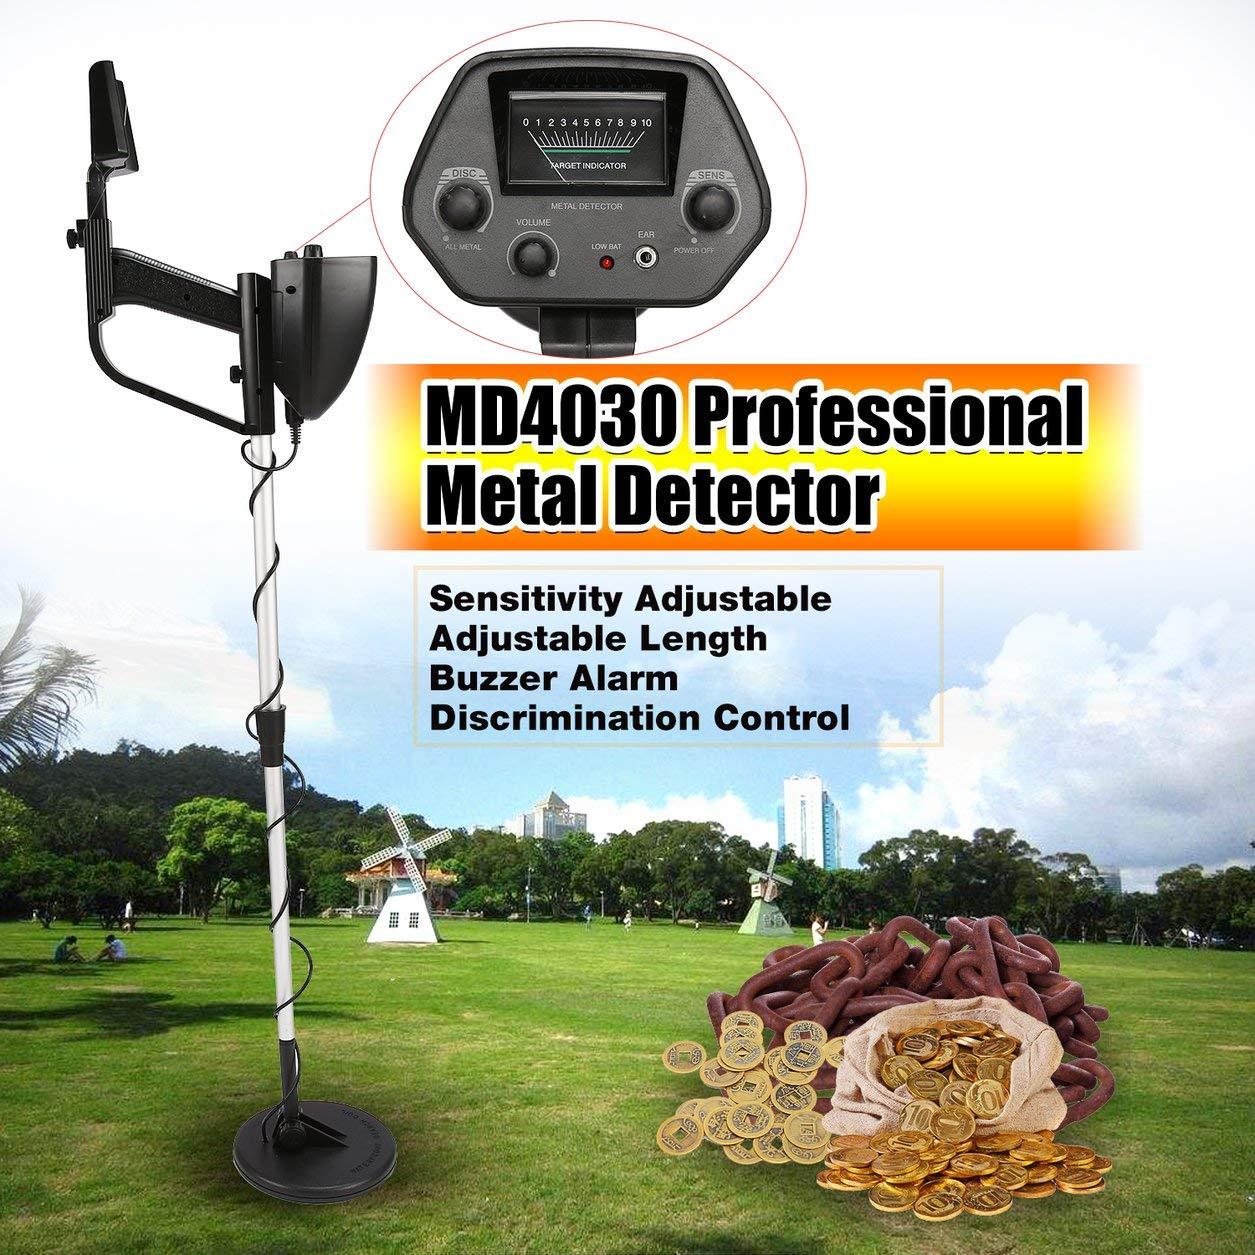 Dailyinshop Detector de Metales subterráneo portátil portátil MD4030 Cazador de Tesoros portátil Buscador de Oro Longitud Ajustable (Color: Negro y Plata)